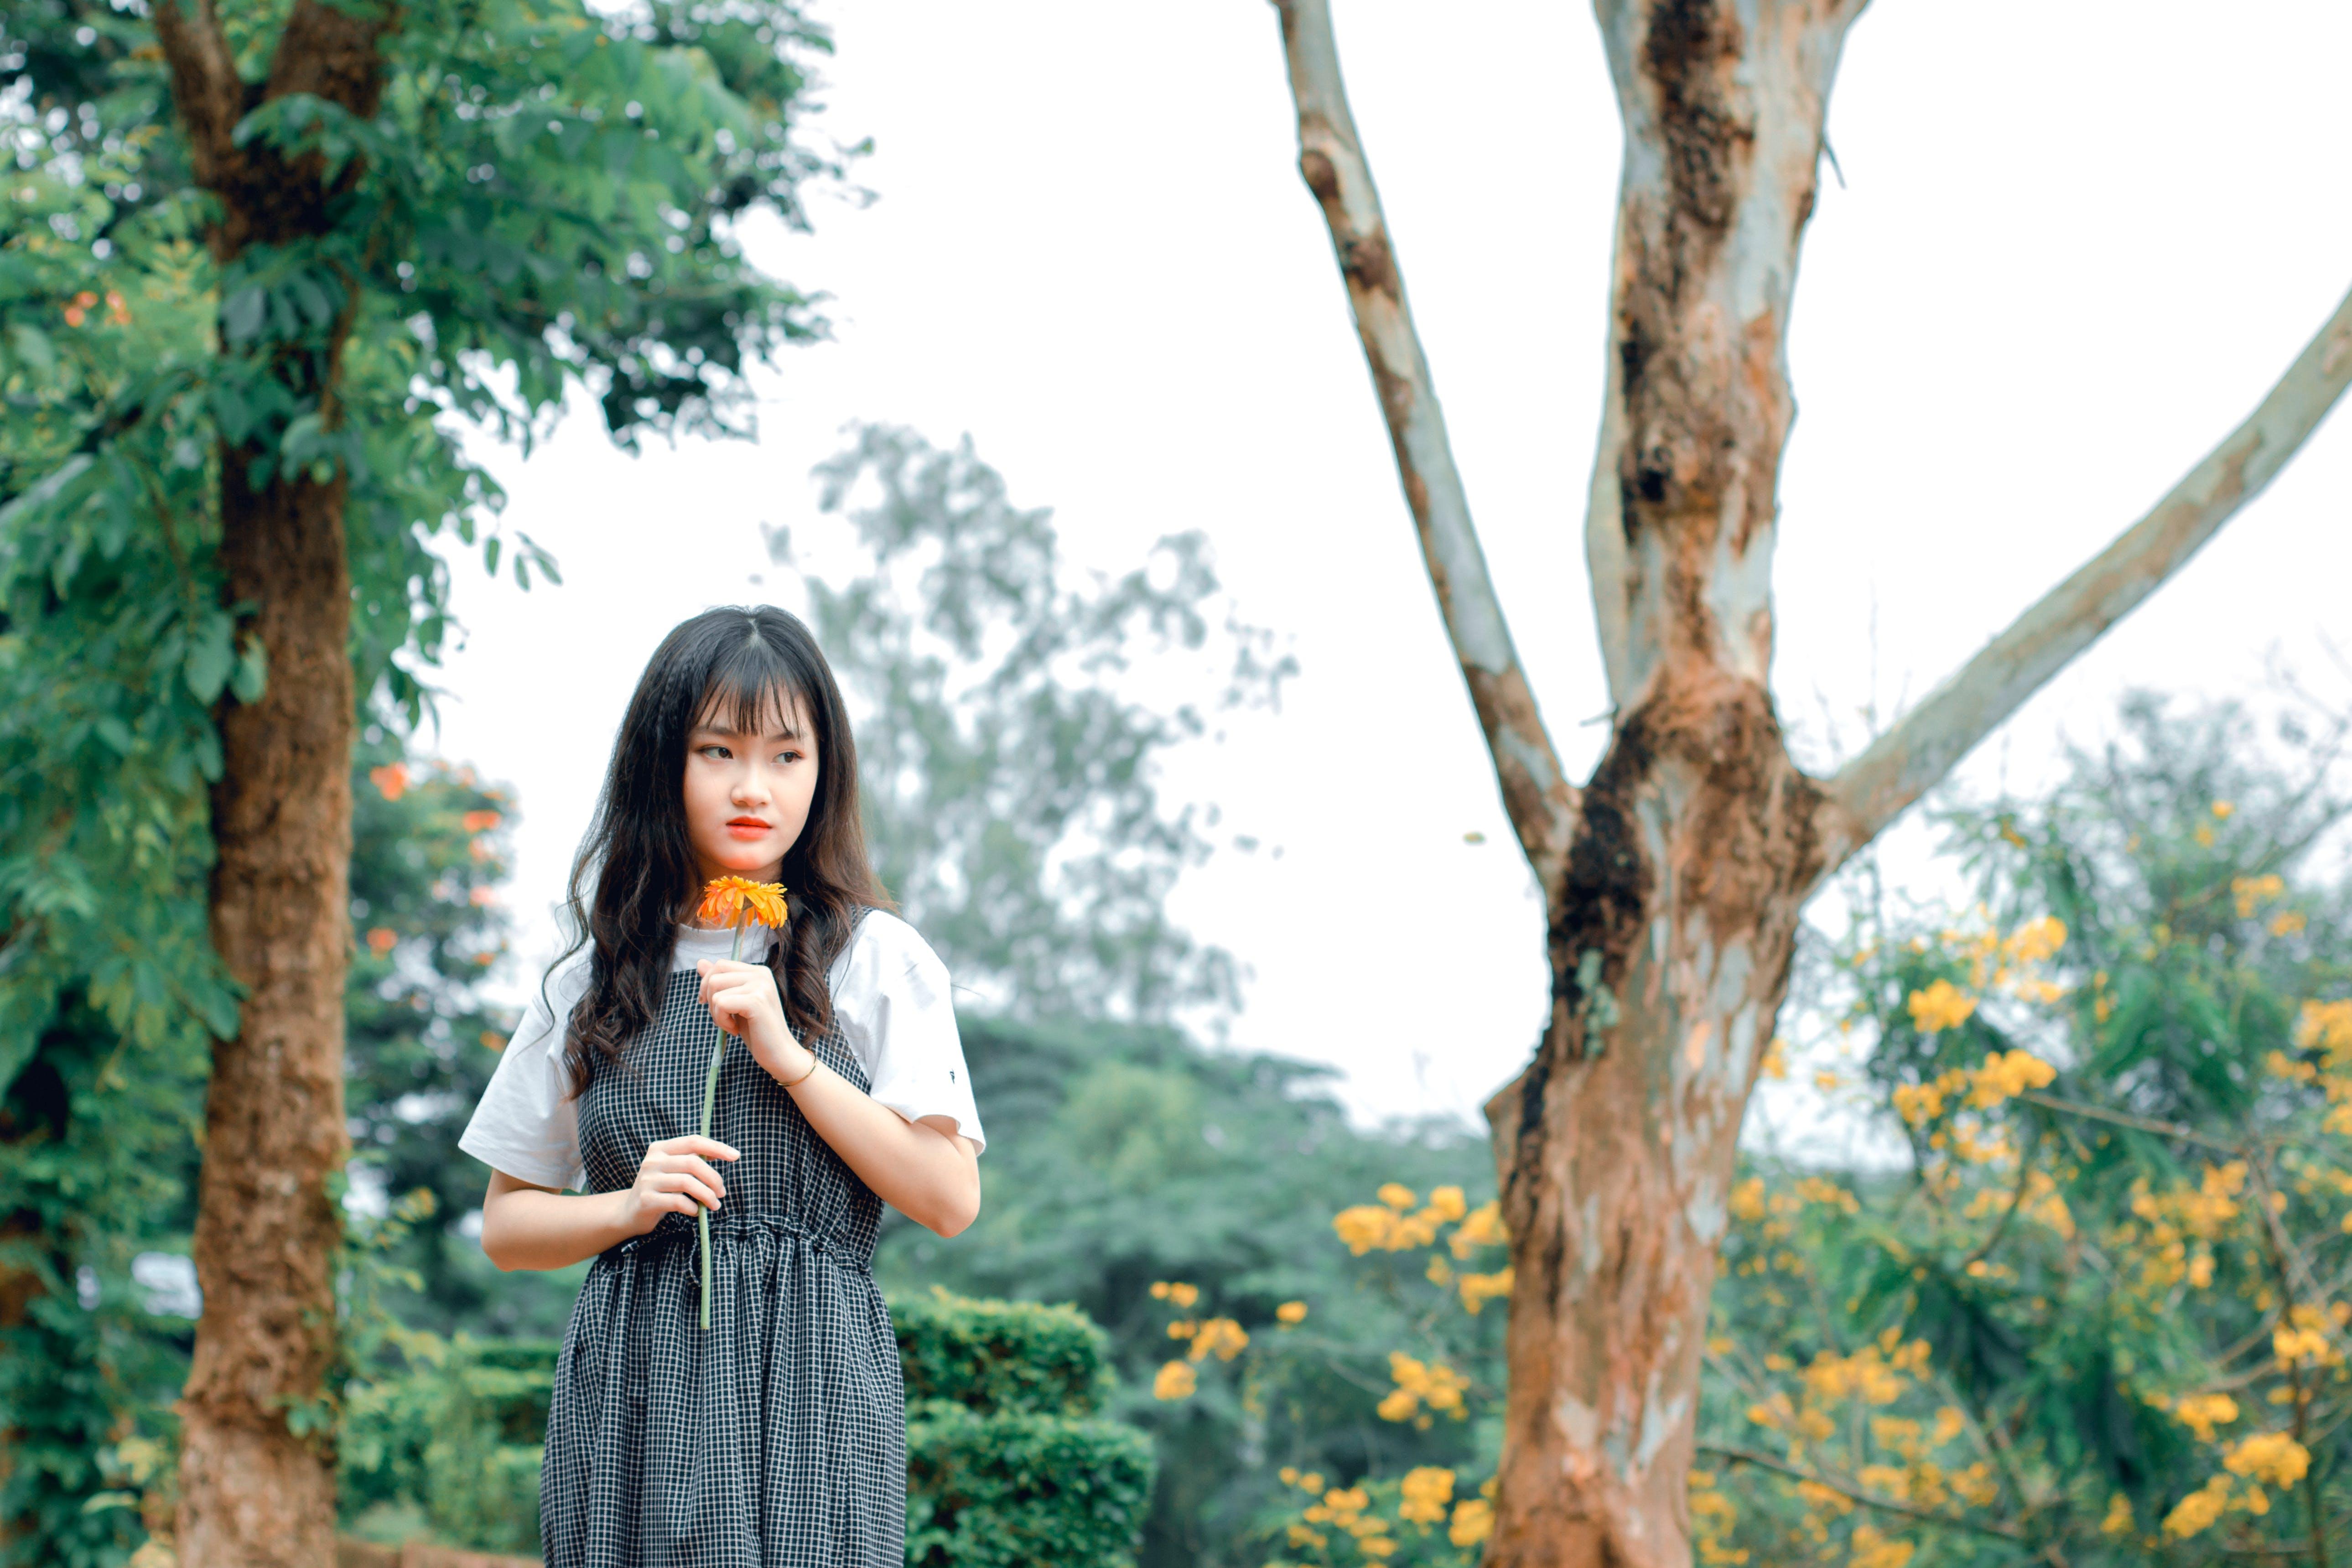 Gratis arkivbilde med asiatisk jente, asiatisk kvinne, blomster, bruke